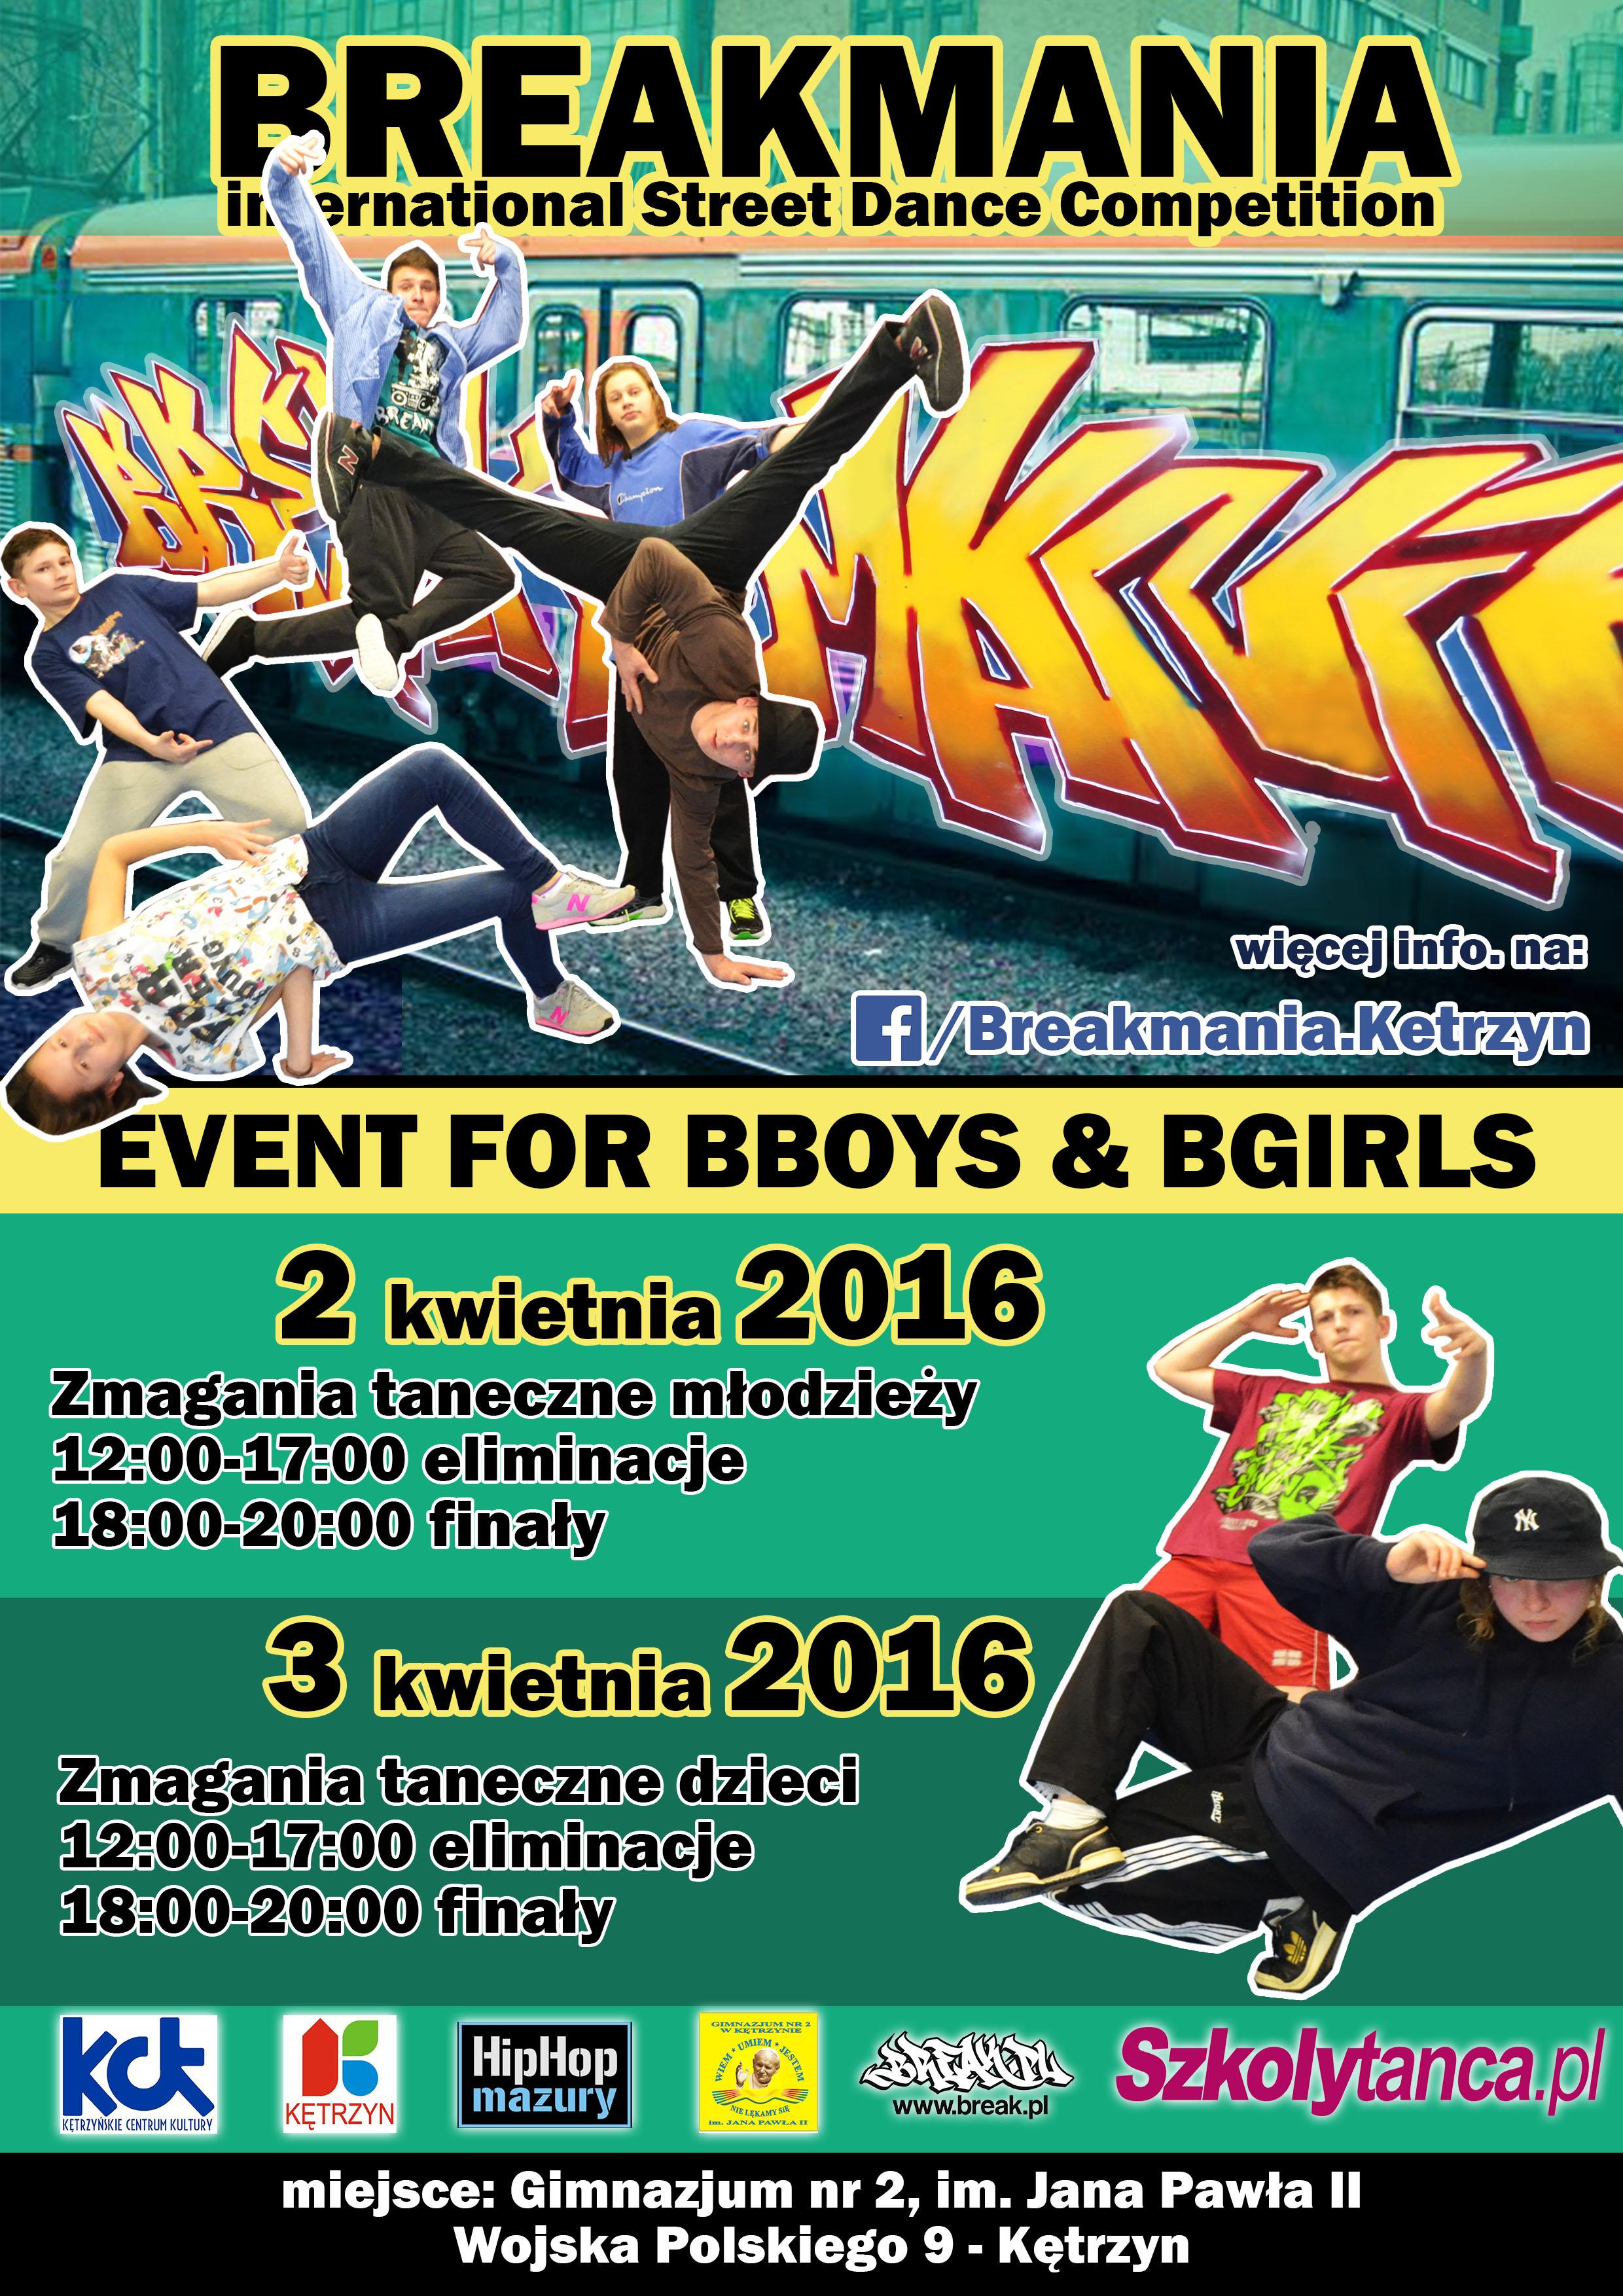 Breakmania 2016 - BBOYING